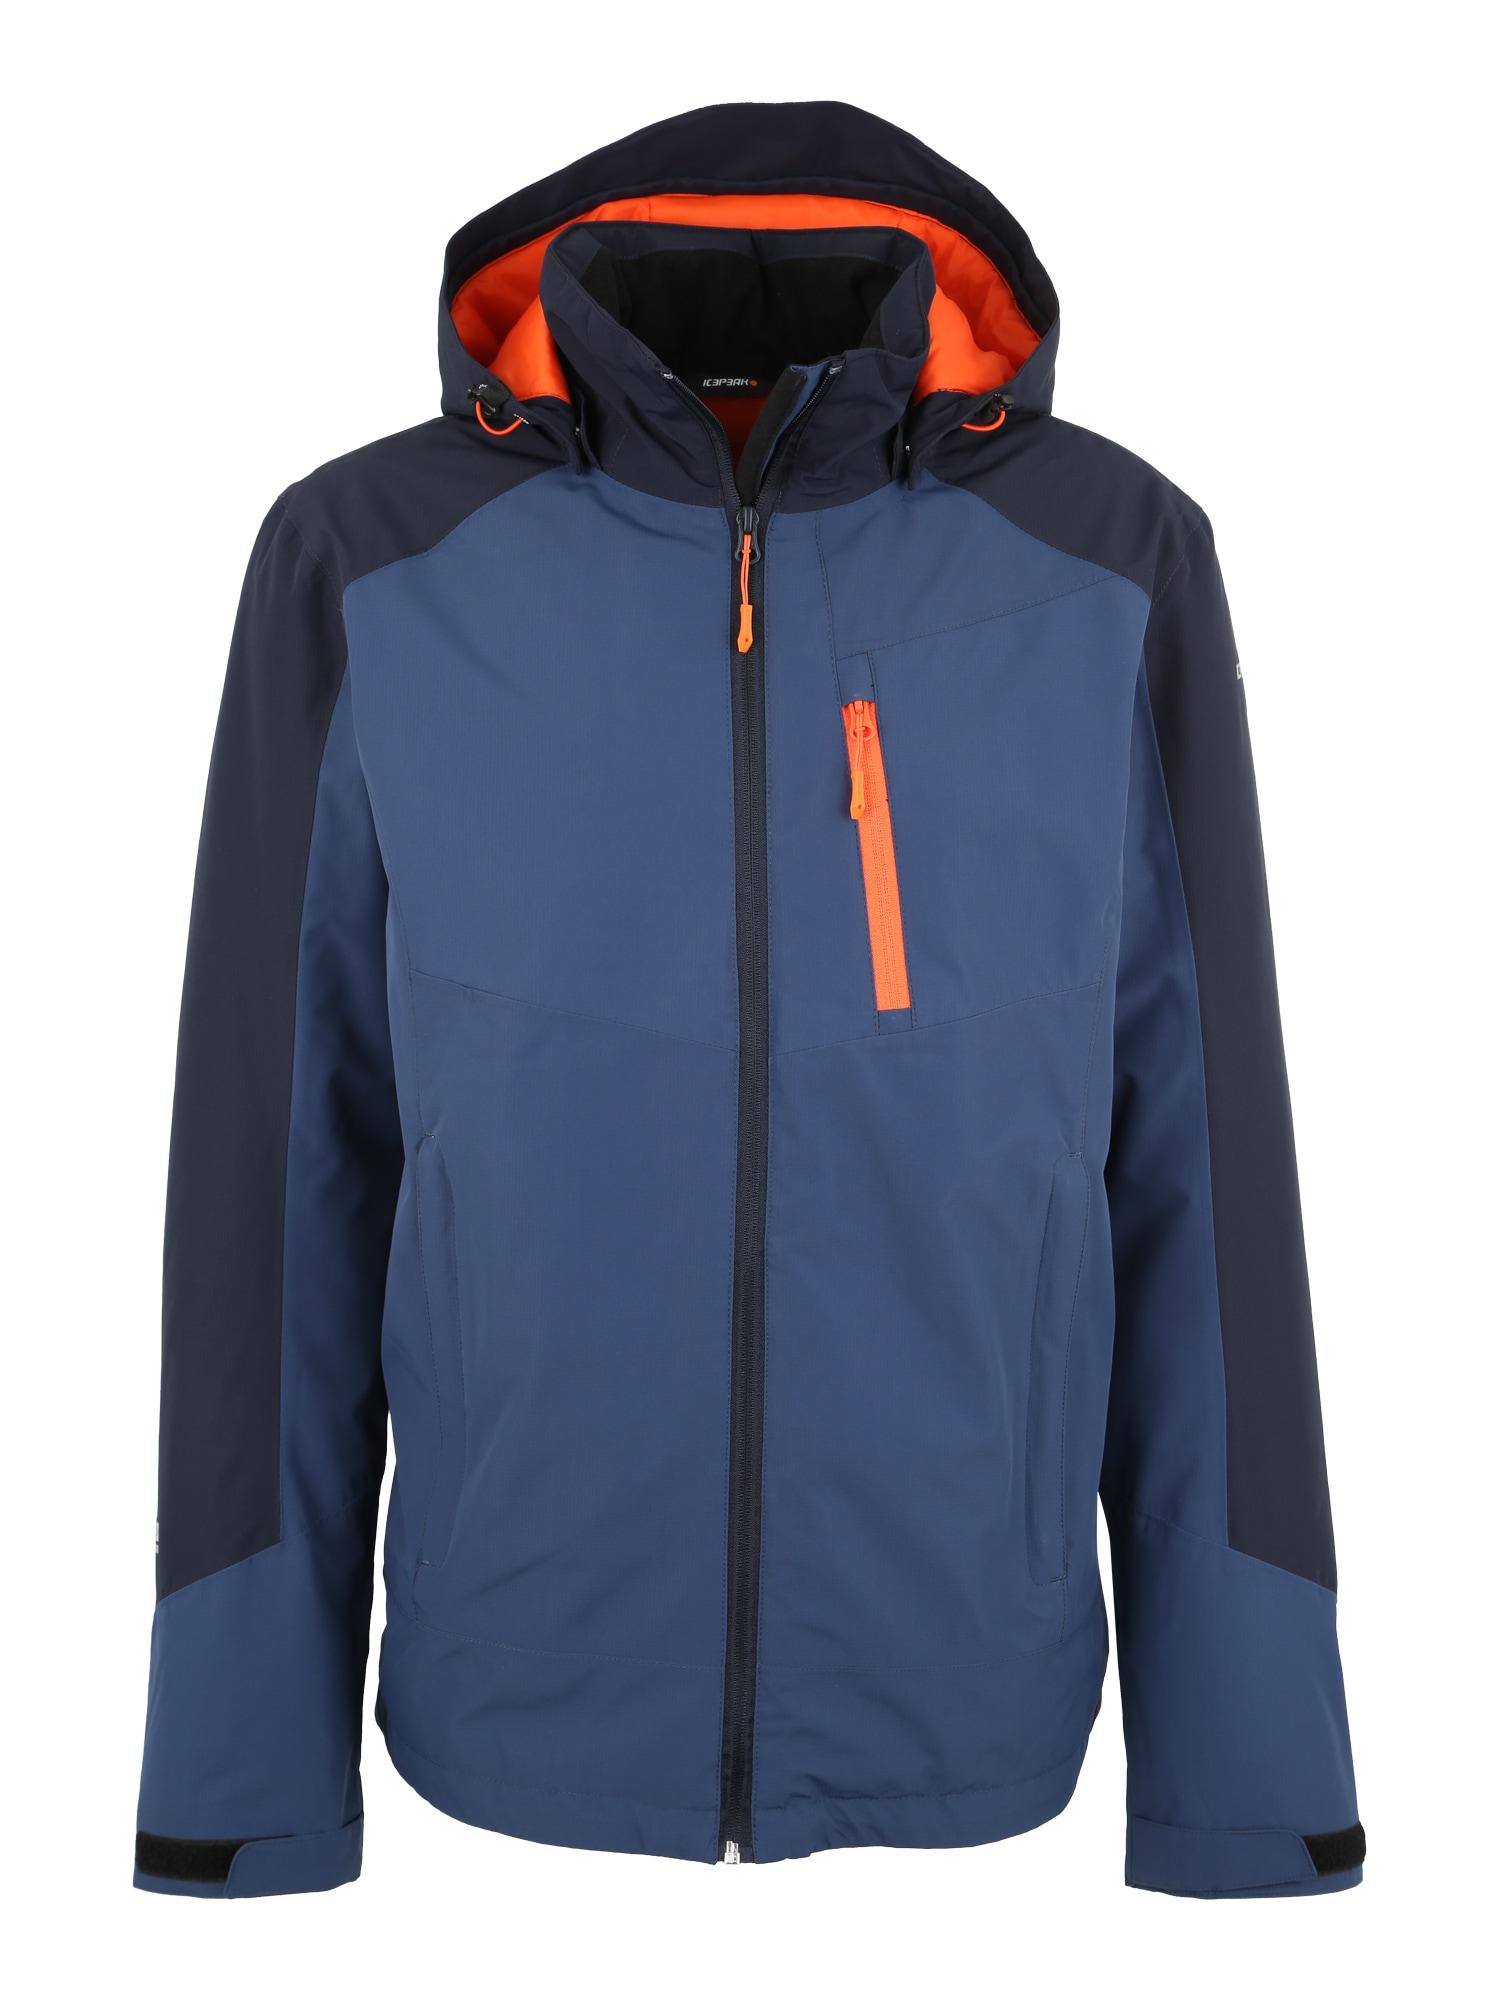 Outdoorová bunda LANZO modrá námořnická modř svítivě oranžová ICEPEAK